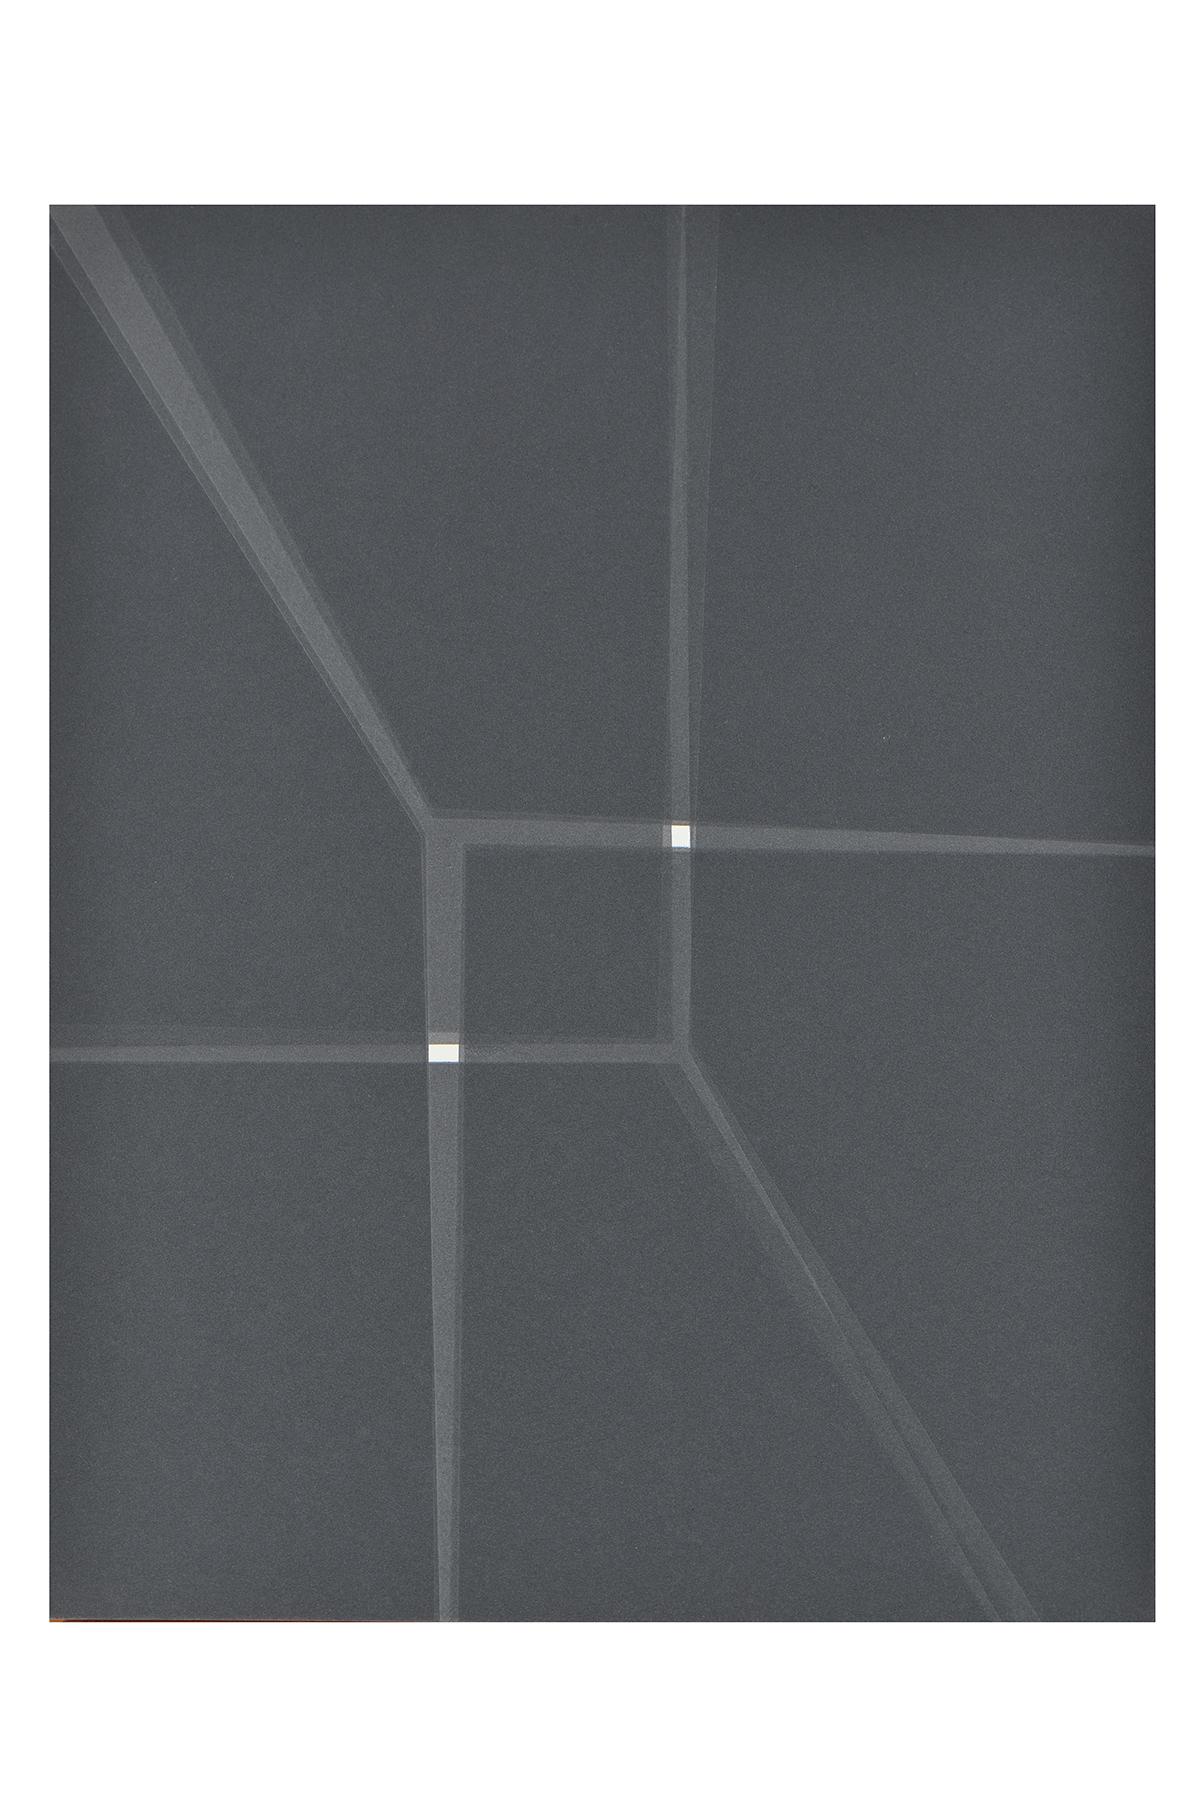 Serie Geometría móvil  | Magdalena Fernández Ecos | Museo Amparo, Puebla